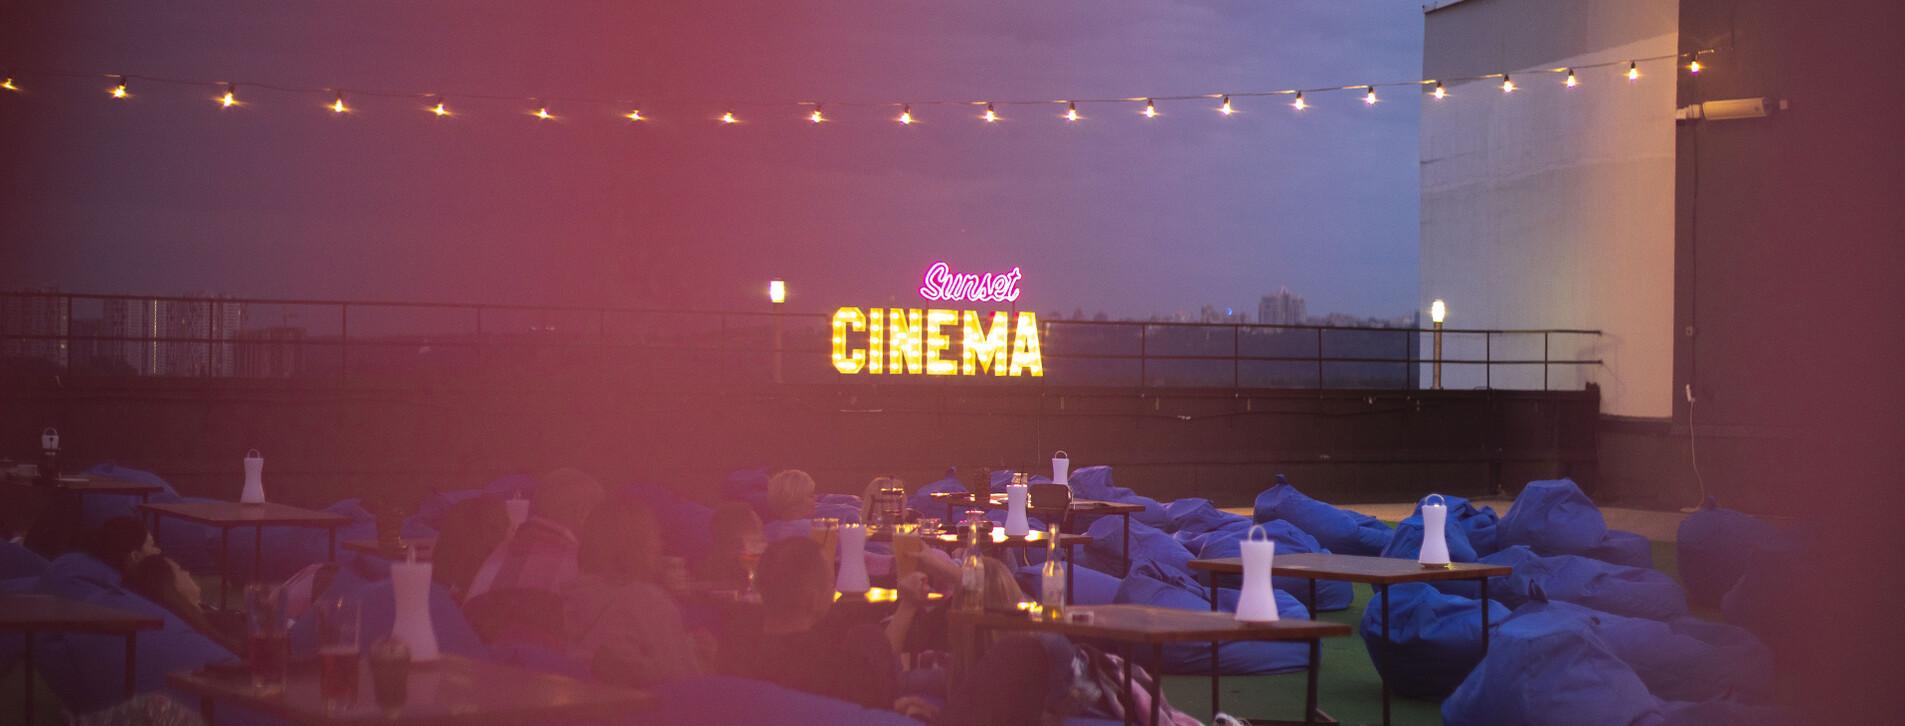 Фото 1 - Кинотеатр на крыше для компании